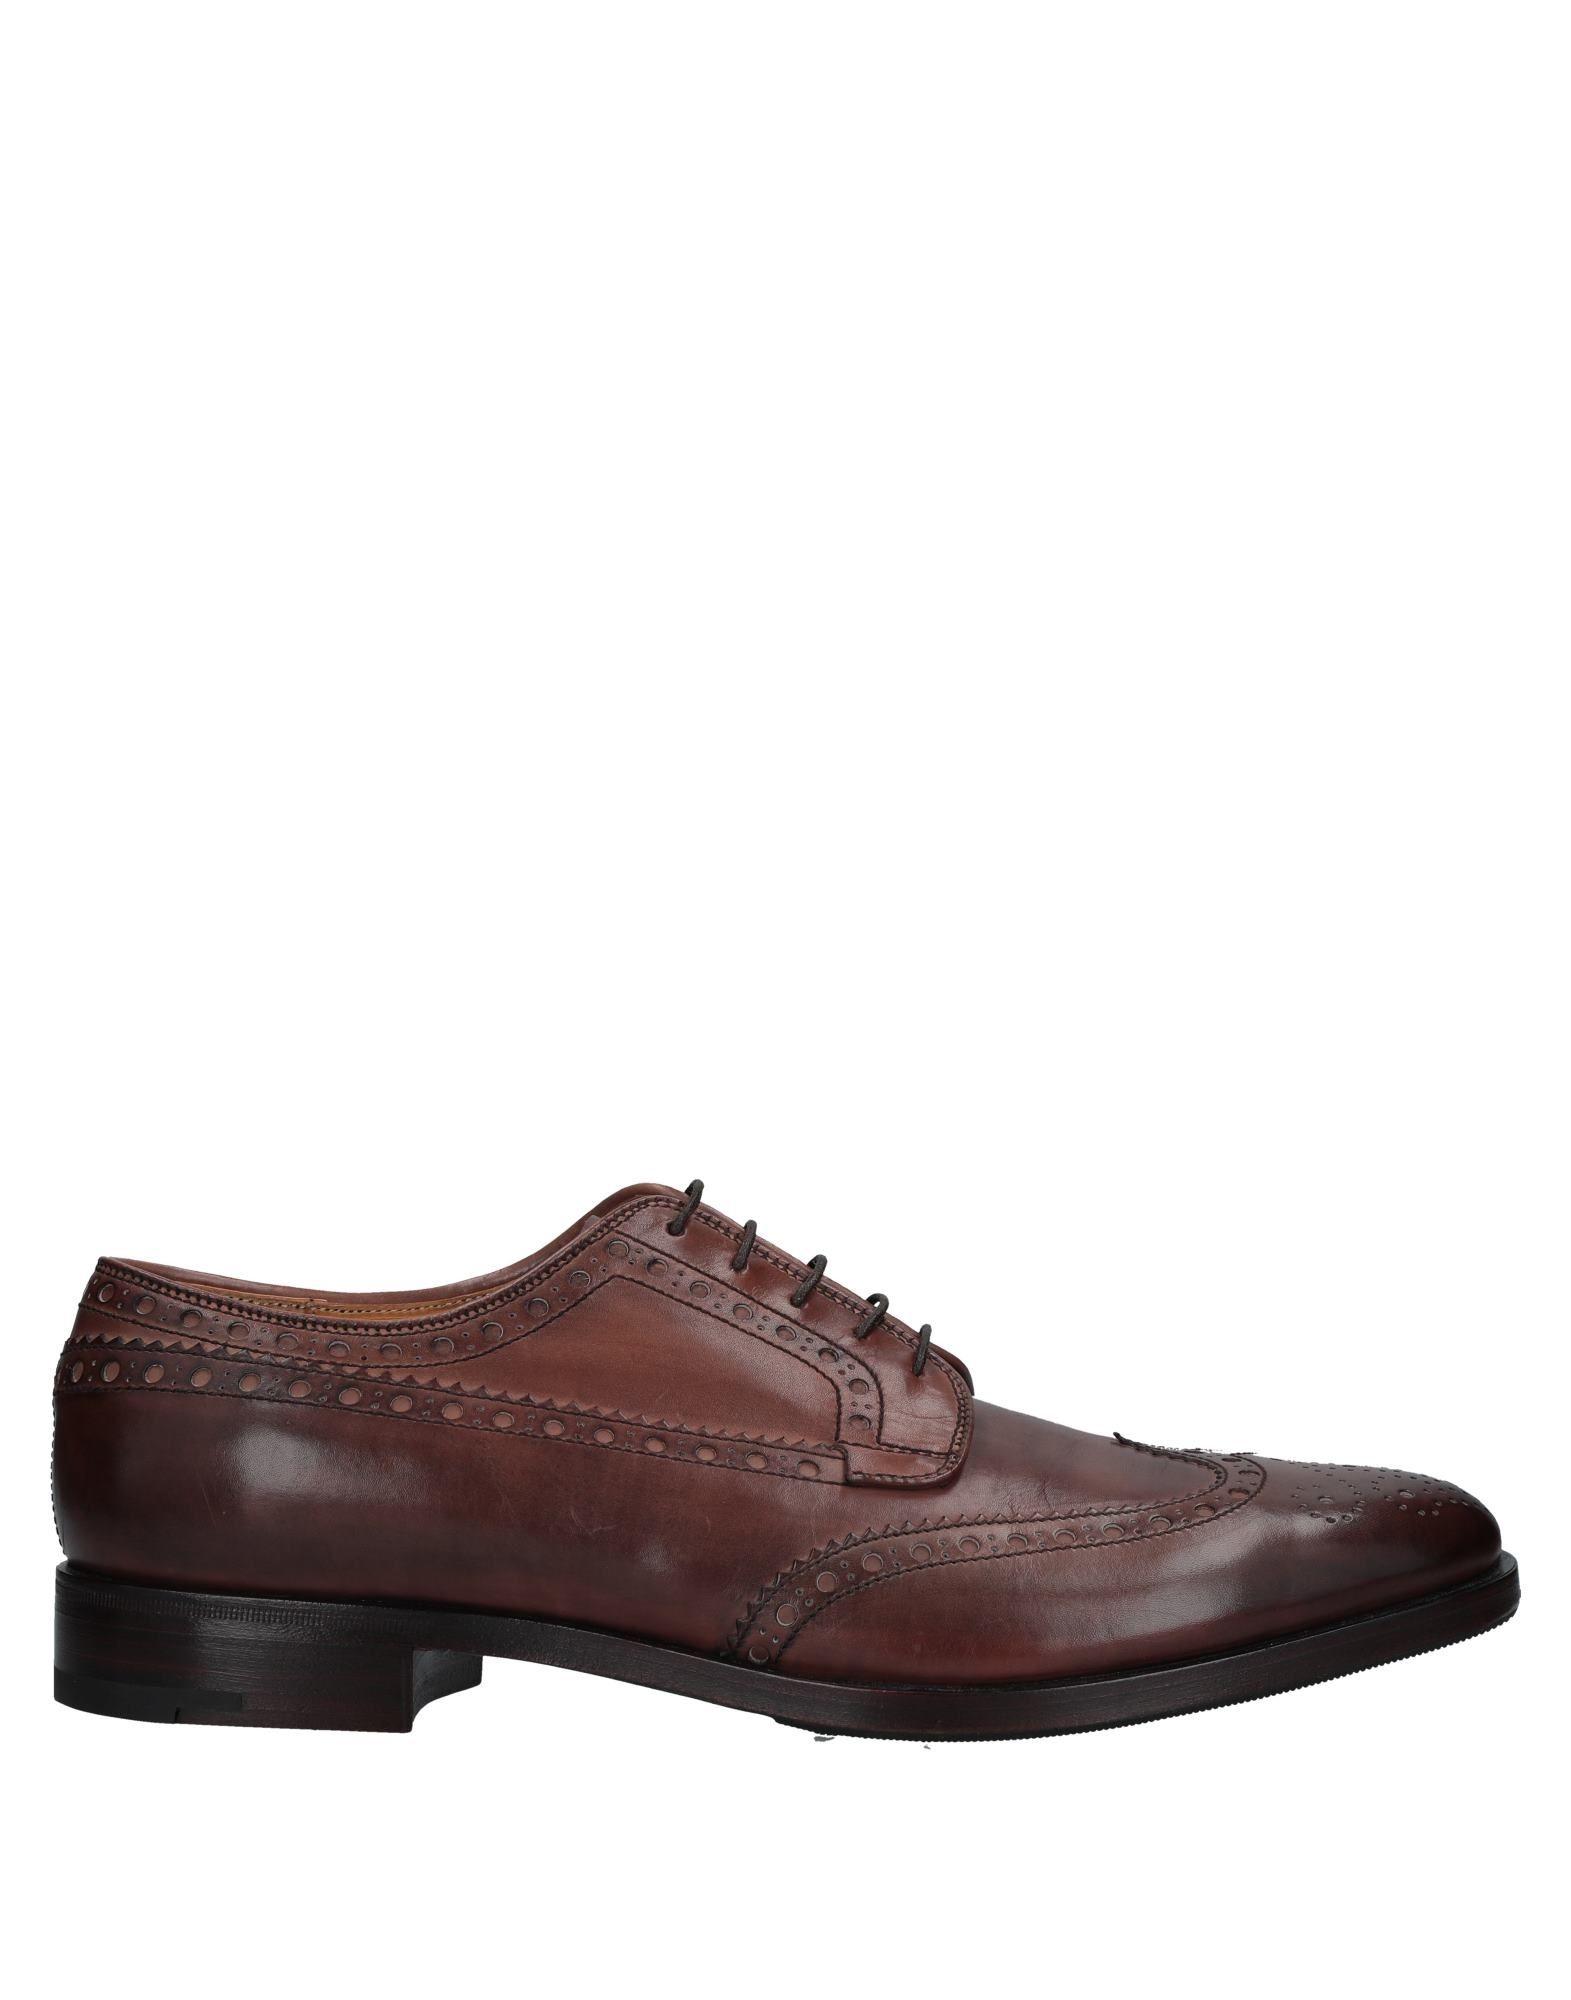 Premiata Schnürschuhe Herren  11528853BA Gute Qualität beliebte Schuhe